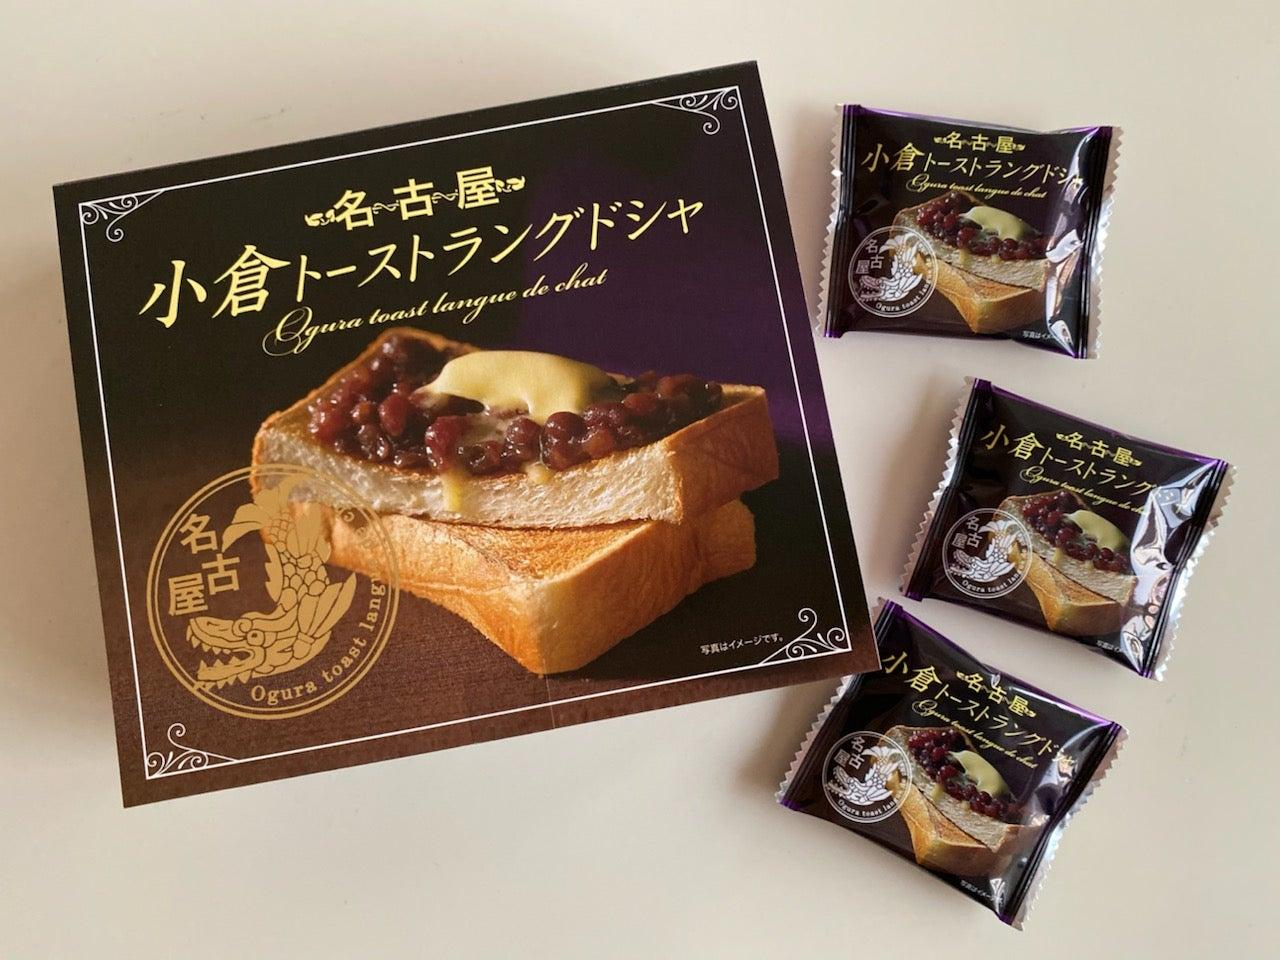 「小倉トーストラングドシャ」の画像検索結果